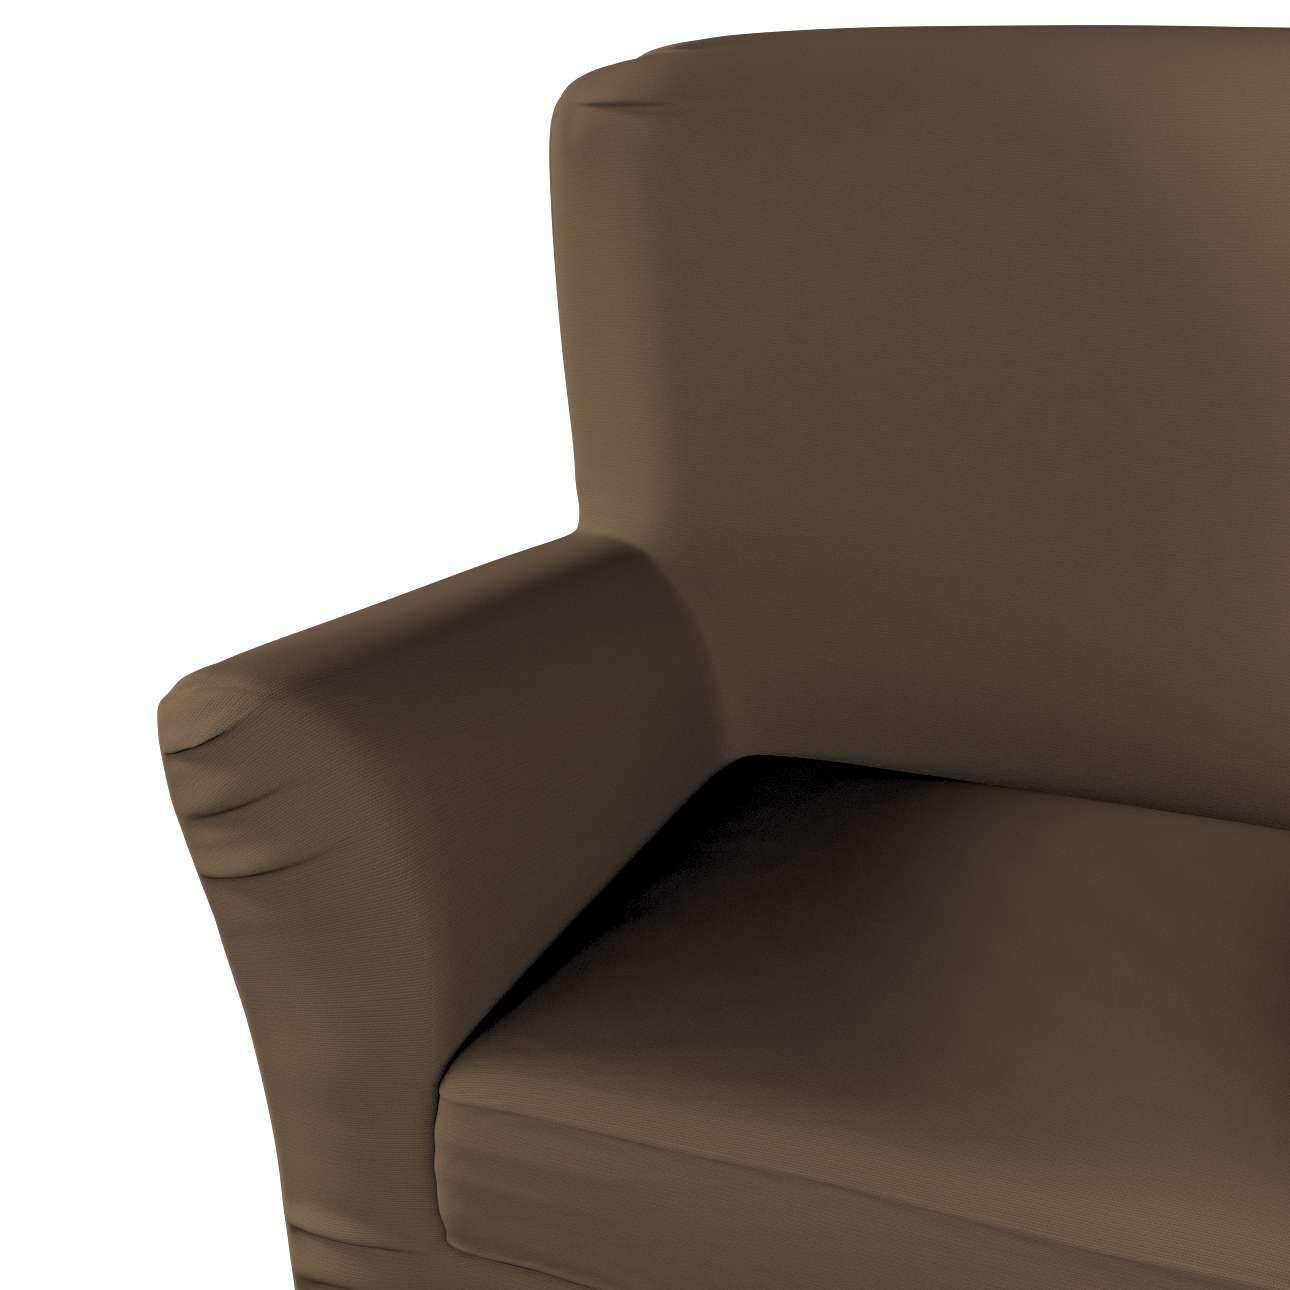 Pokrowiec na fotel Tomelilla z zakładkami w kolekcji Cotton Panama, tkanina: 702-02